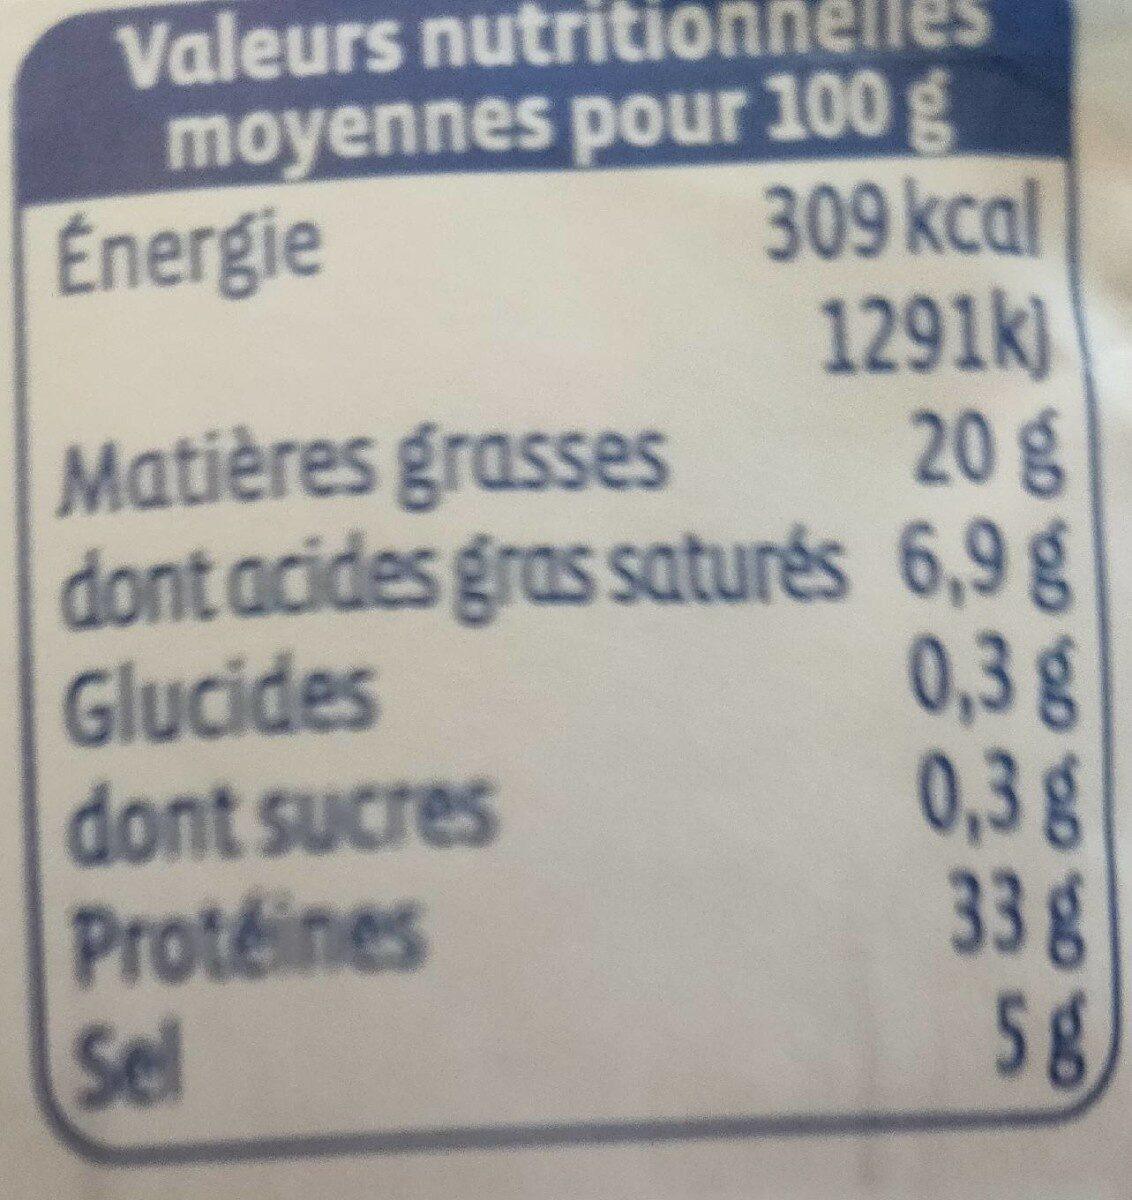 Saucisson Allege - Informations nutritionnelles - fr